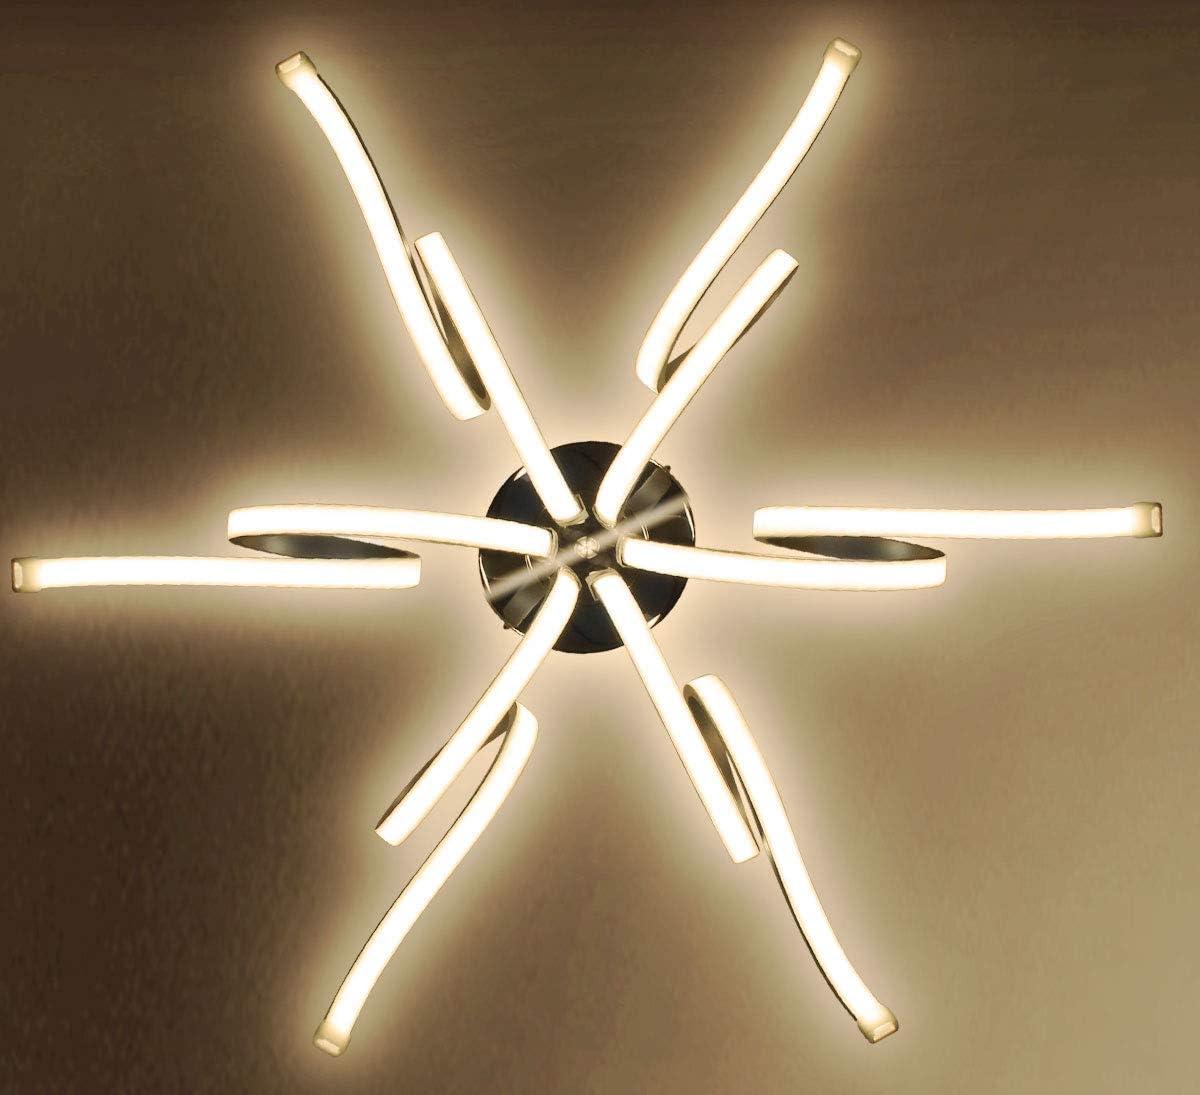 Dimmable XL LED plafonnier lampe lumi/ère lustre salon de luxe 6 bras blanc chaud forme spirale noble moderne 62cm Lewima VIBRANA